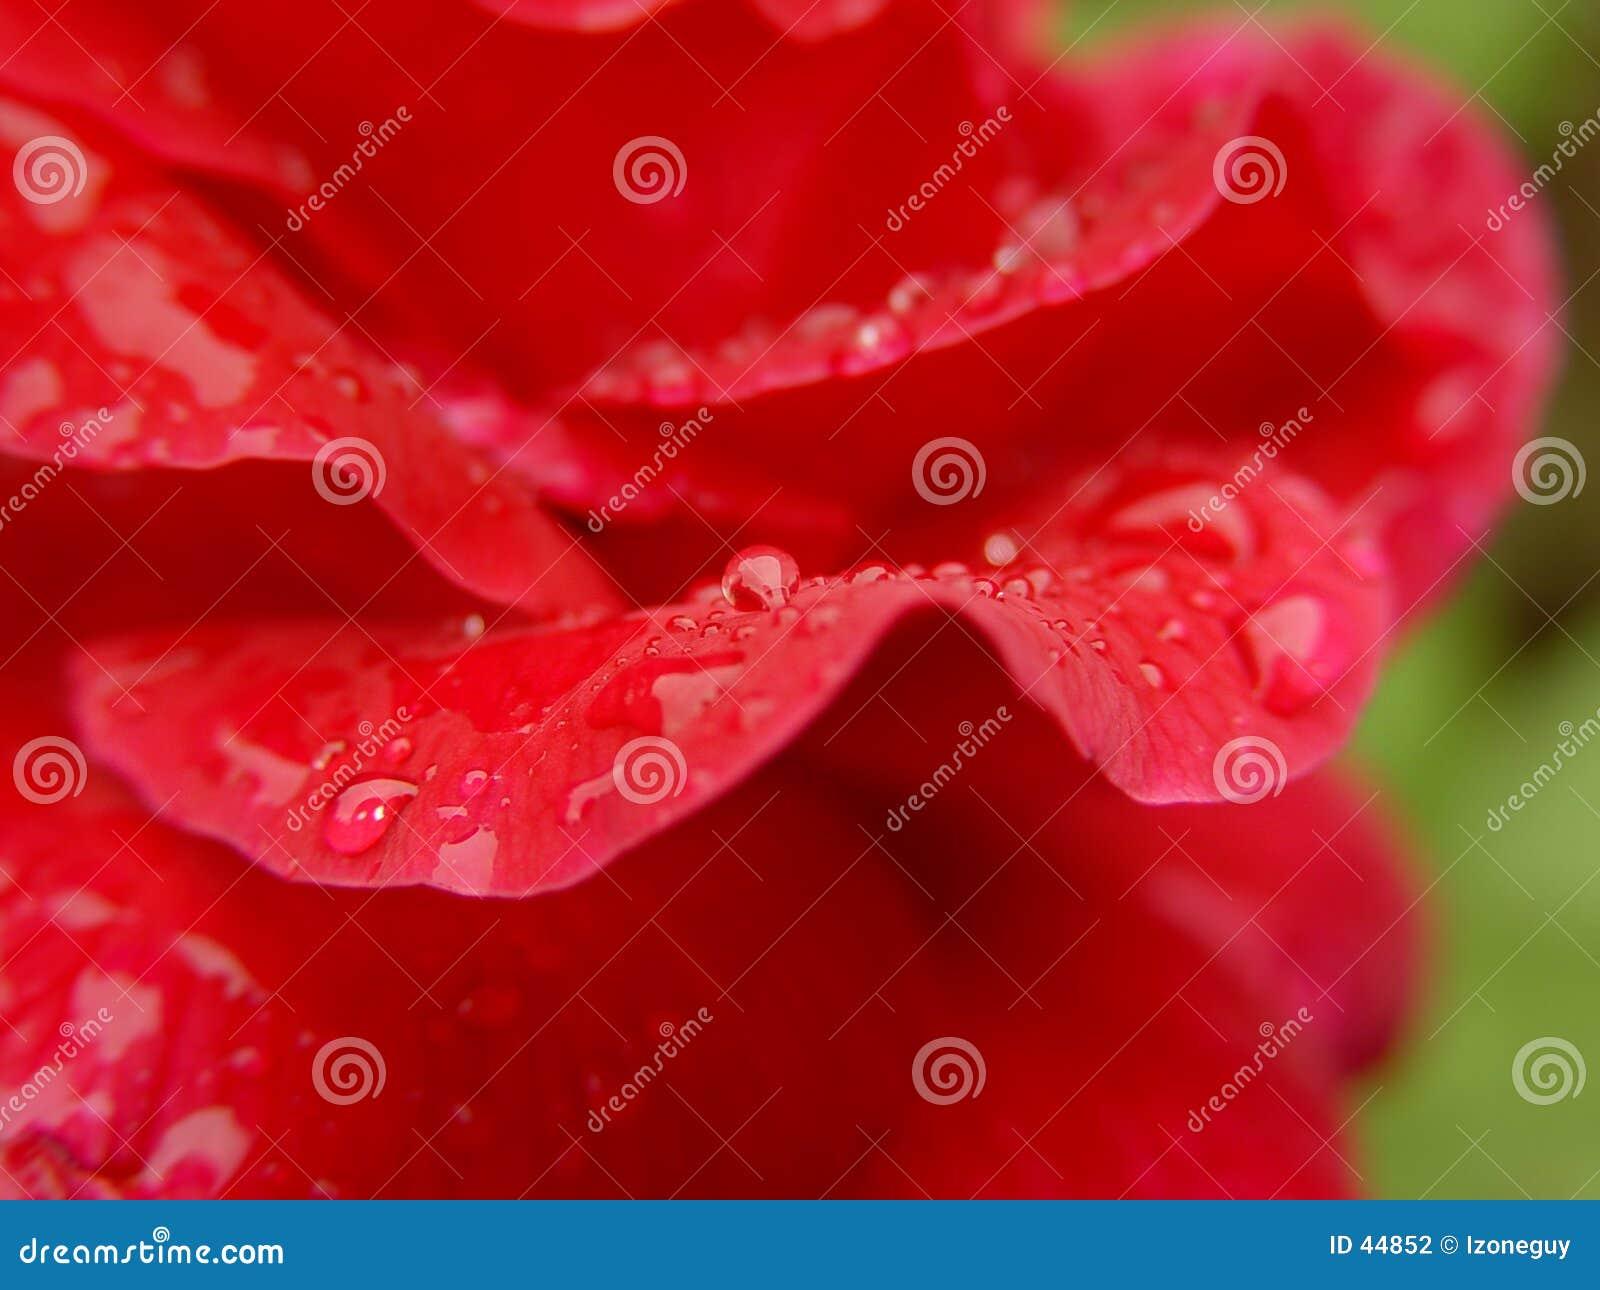 Rose Petal Water Drops